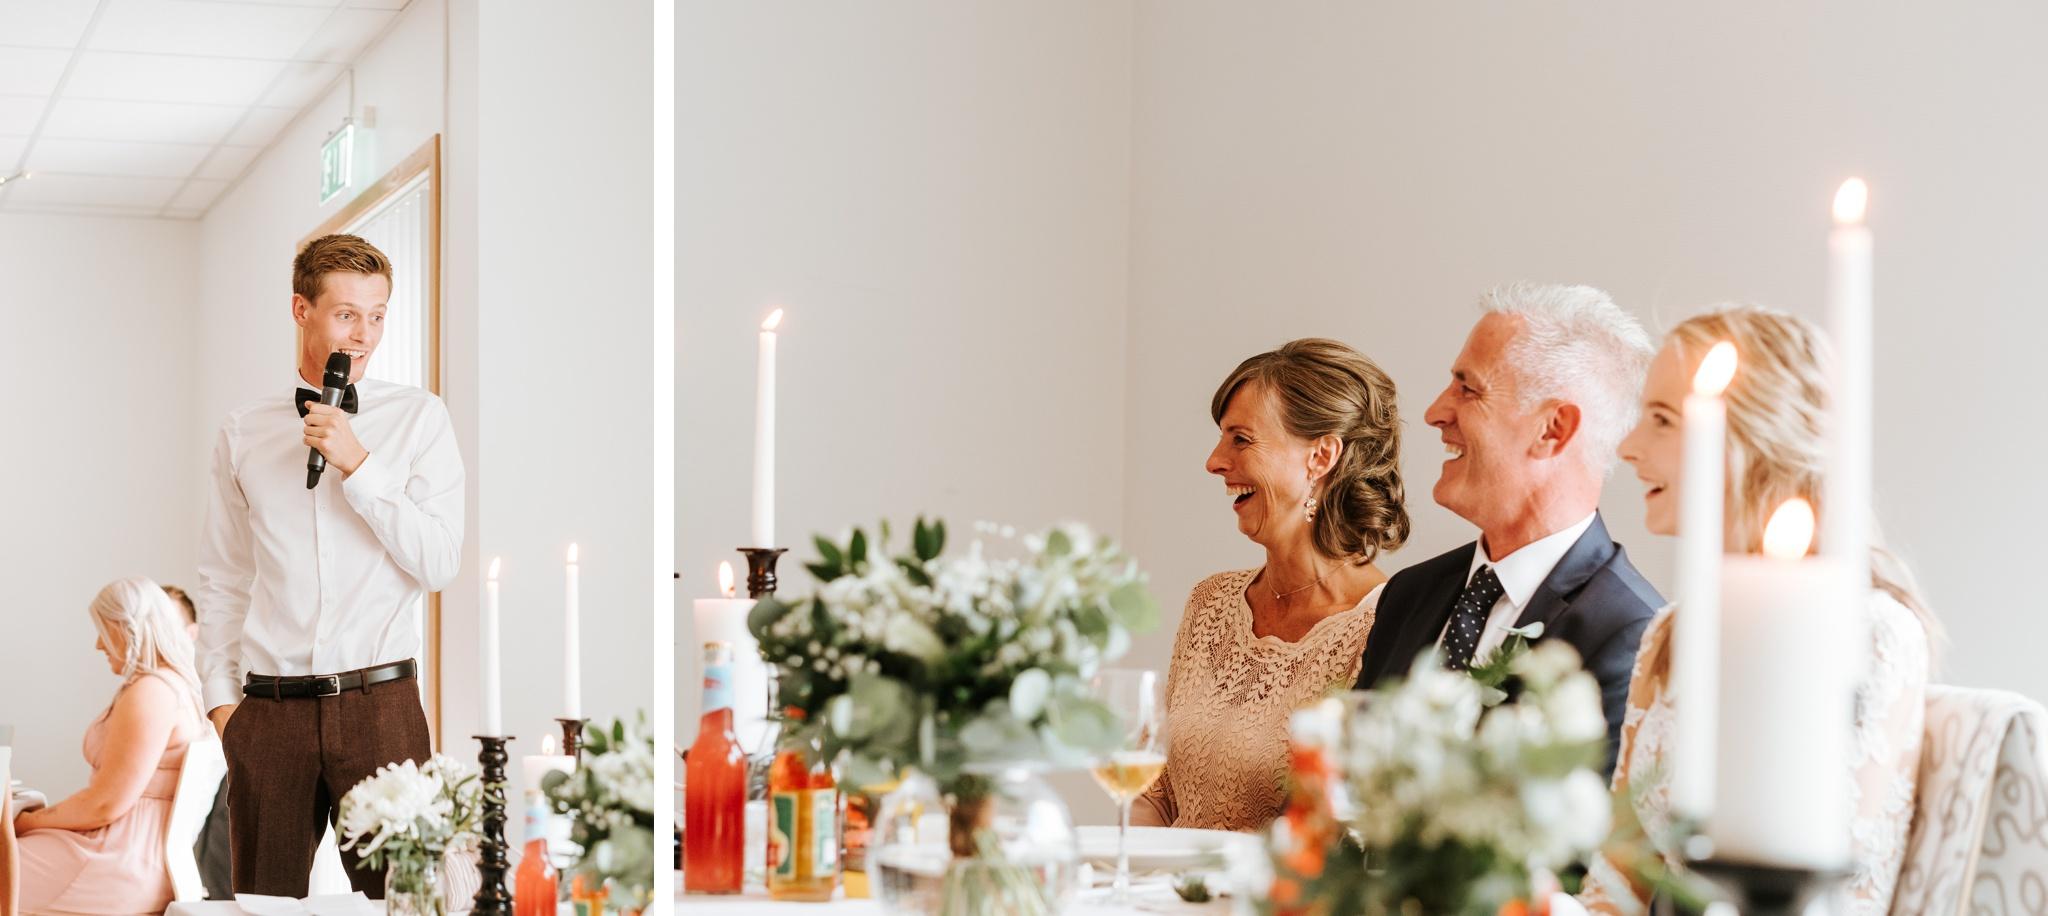 sokndal egersund bryllupsfotograf 050.JPG